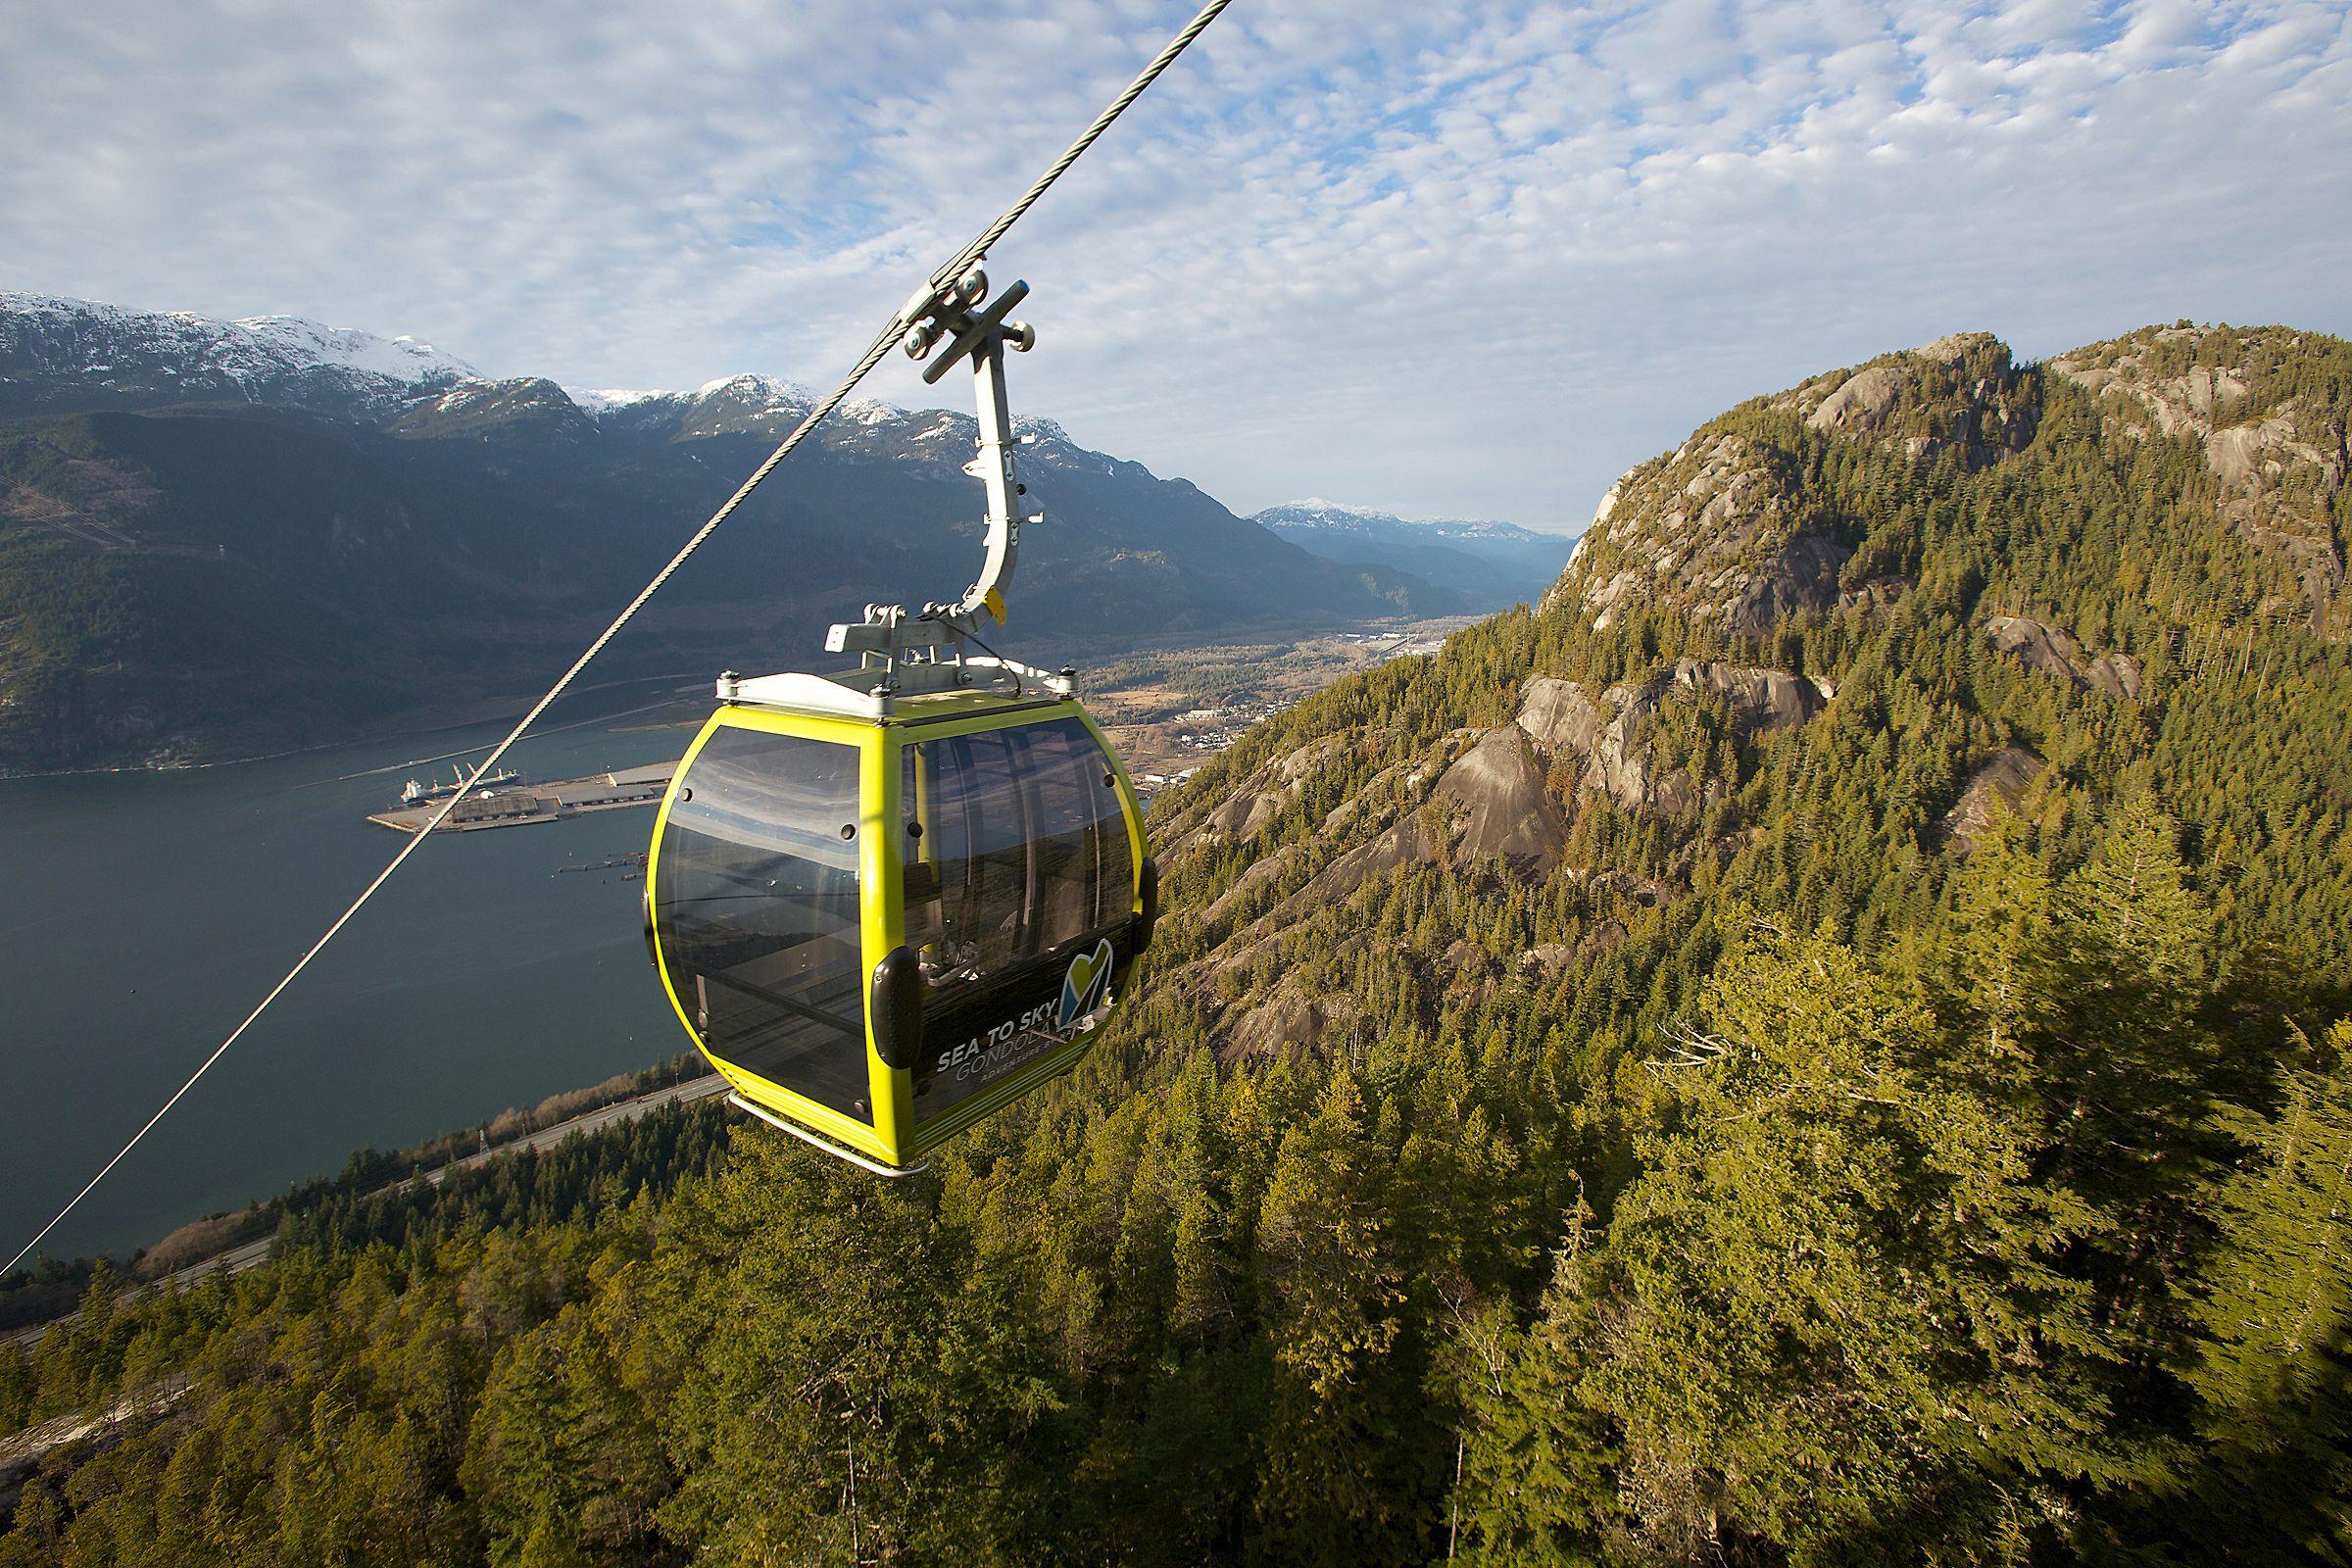 Whistler & Sea to Sky Gondola